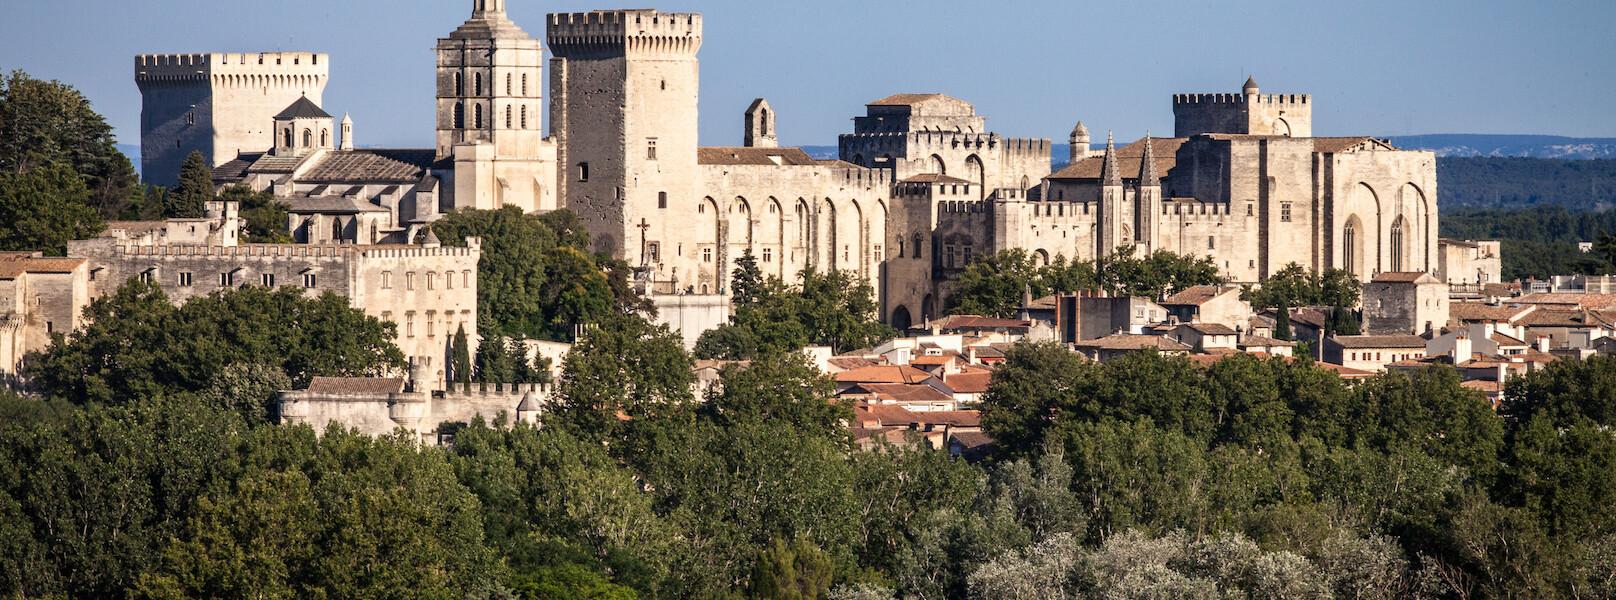 Der Papstpalast in Avignon feiert 2020 den 25. Jahrestag des Eintritts in das UNESCO-Weltkulturerbe